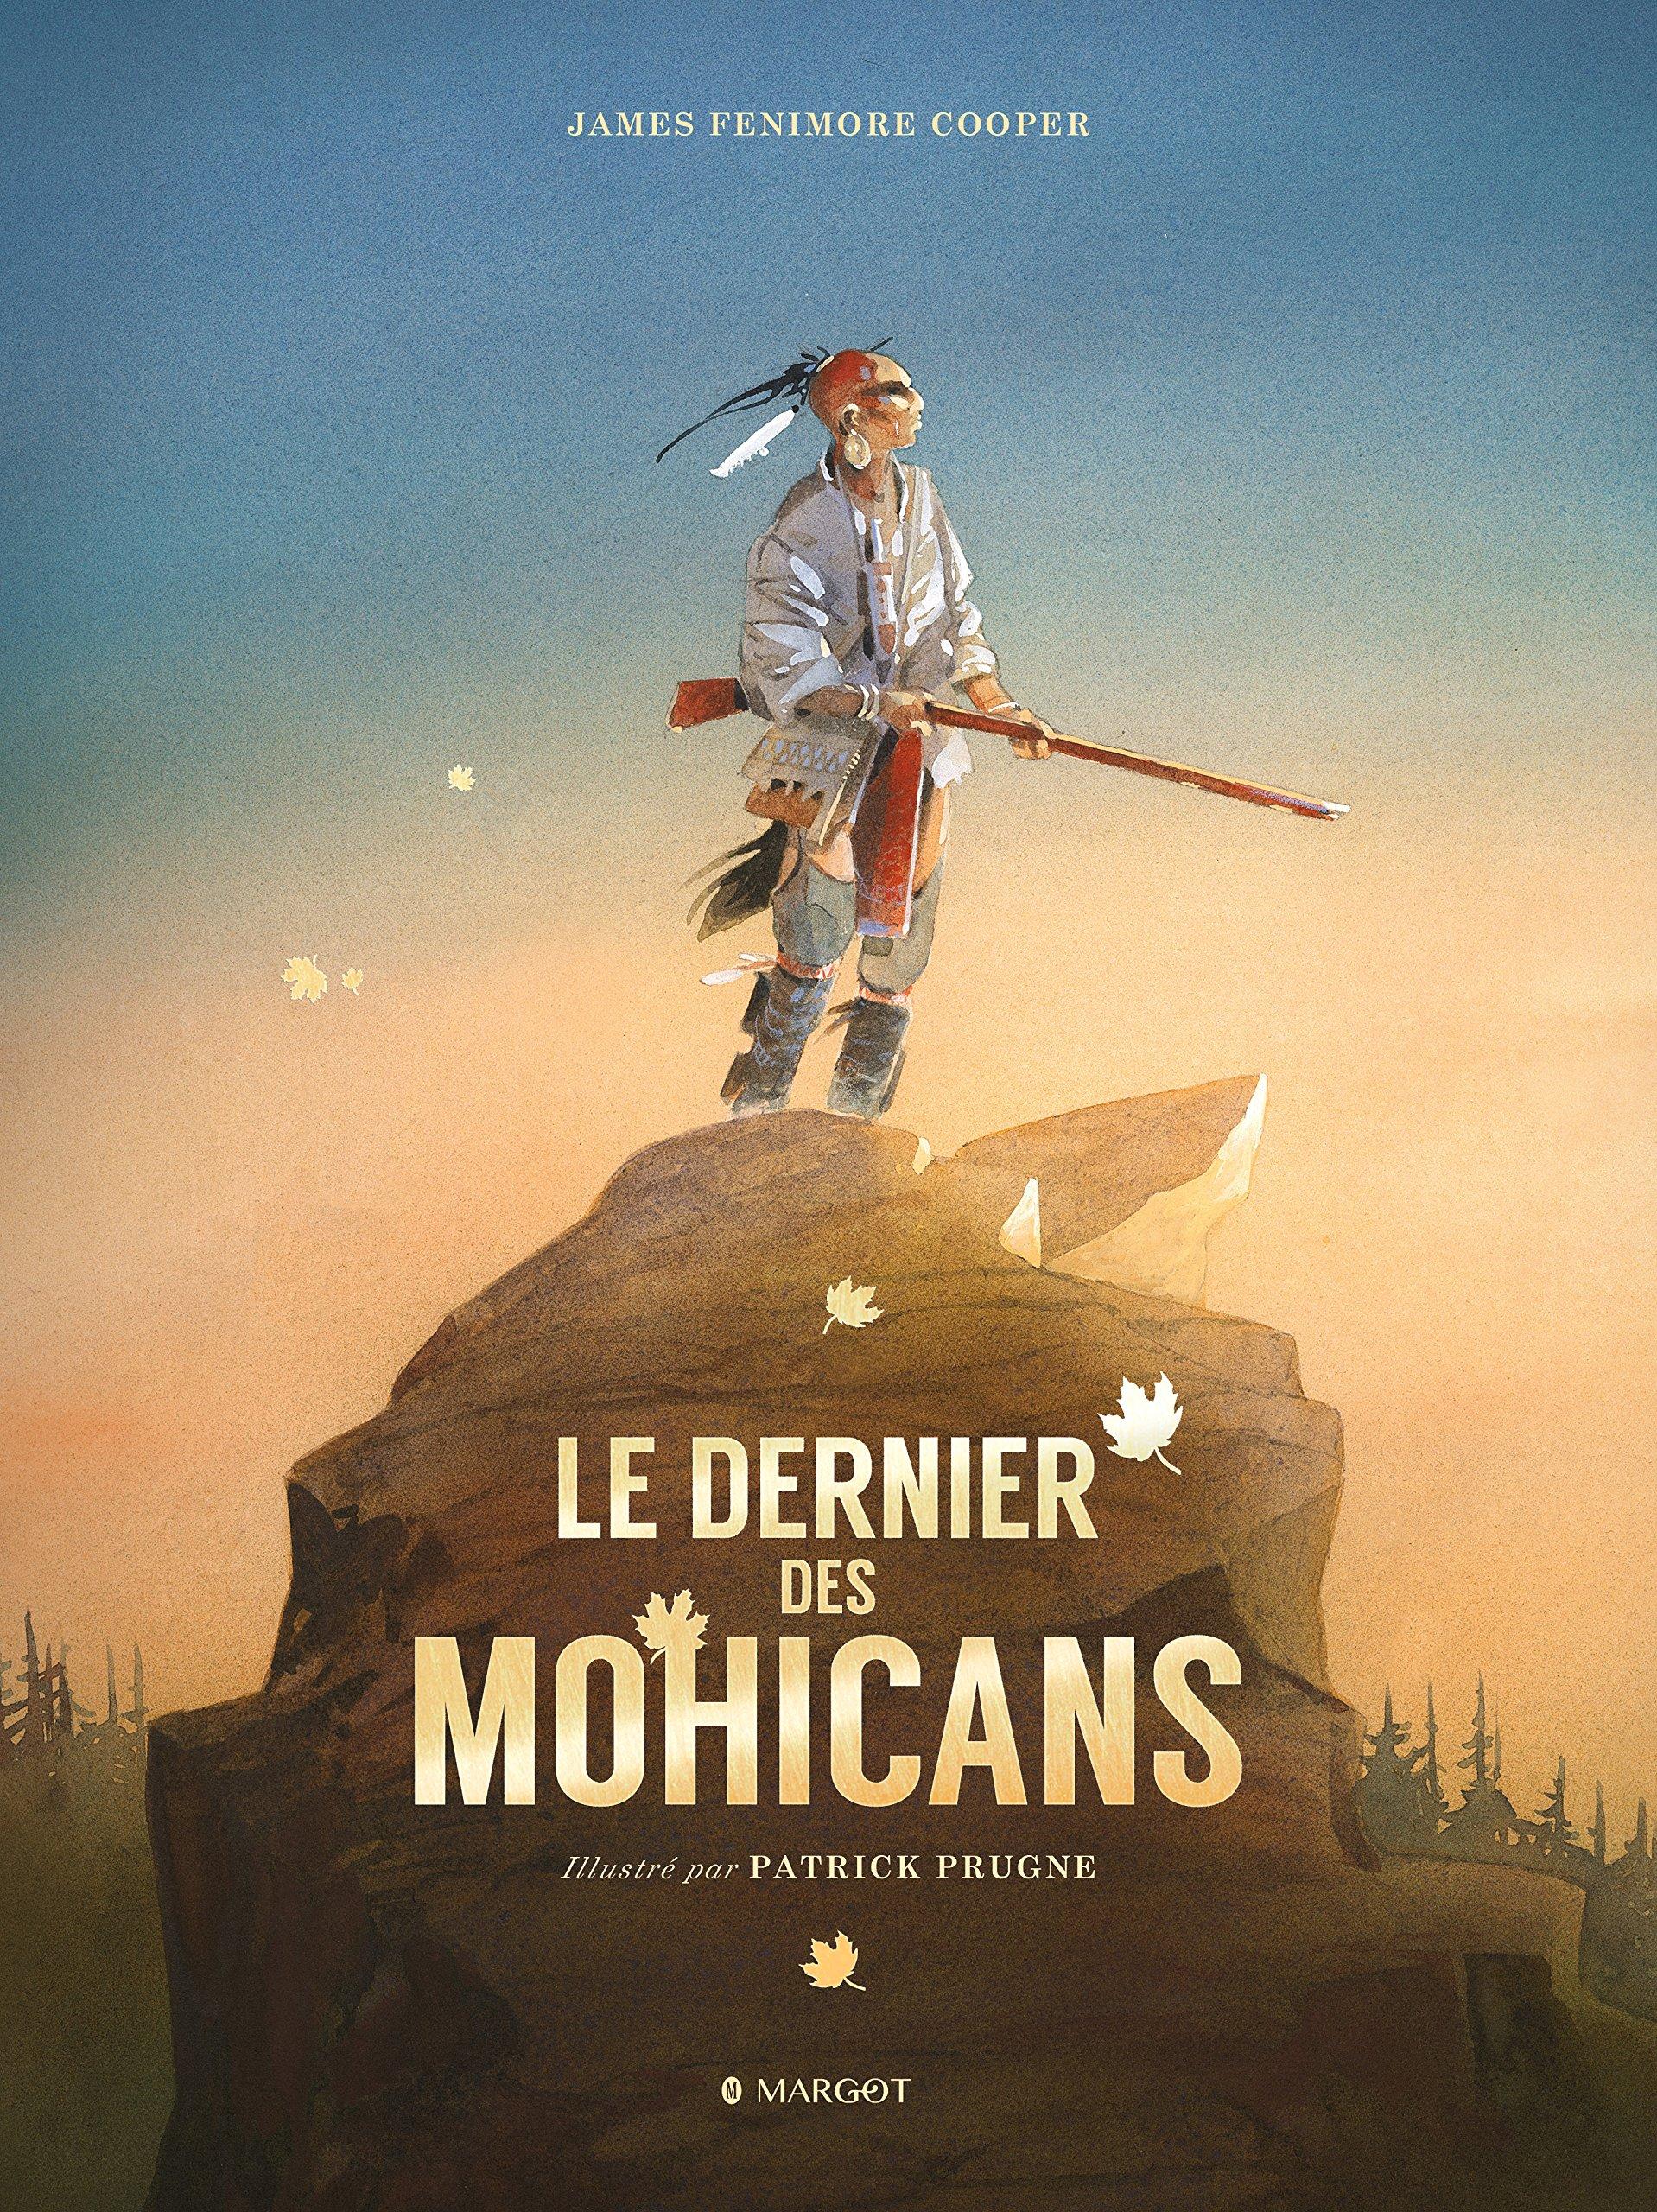 FILM DES GRATUITEMENT DERNIER MOHICANS LA TÉLÉCHARGER LE DU MUSIQUE